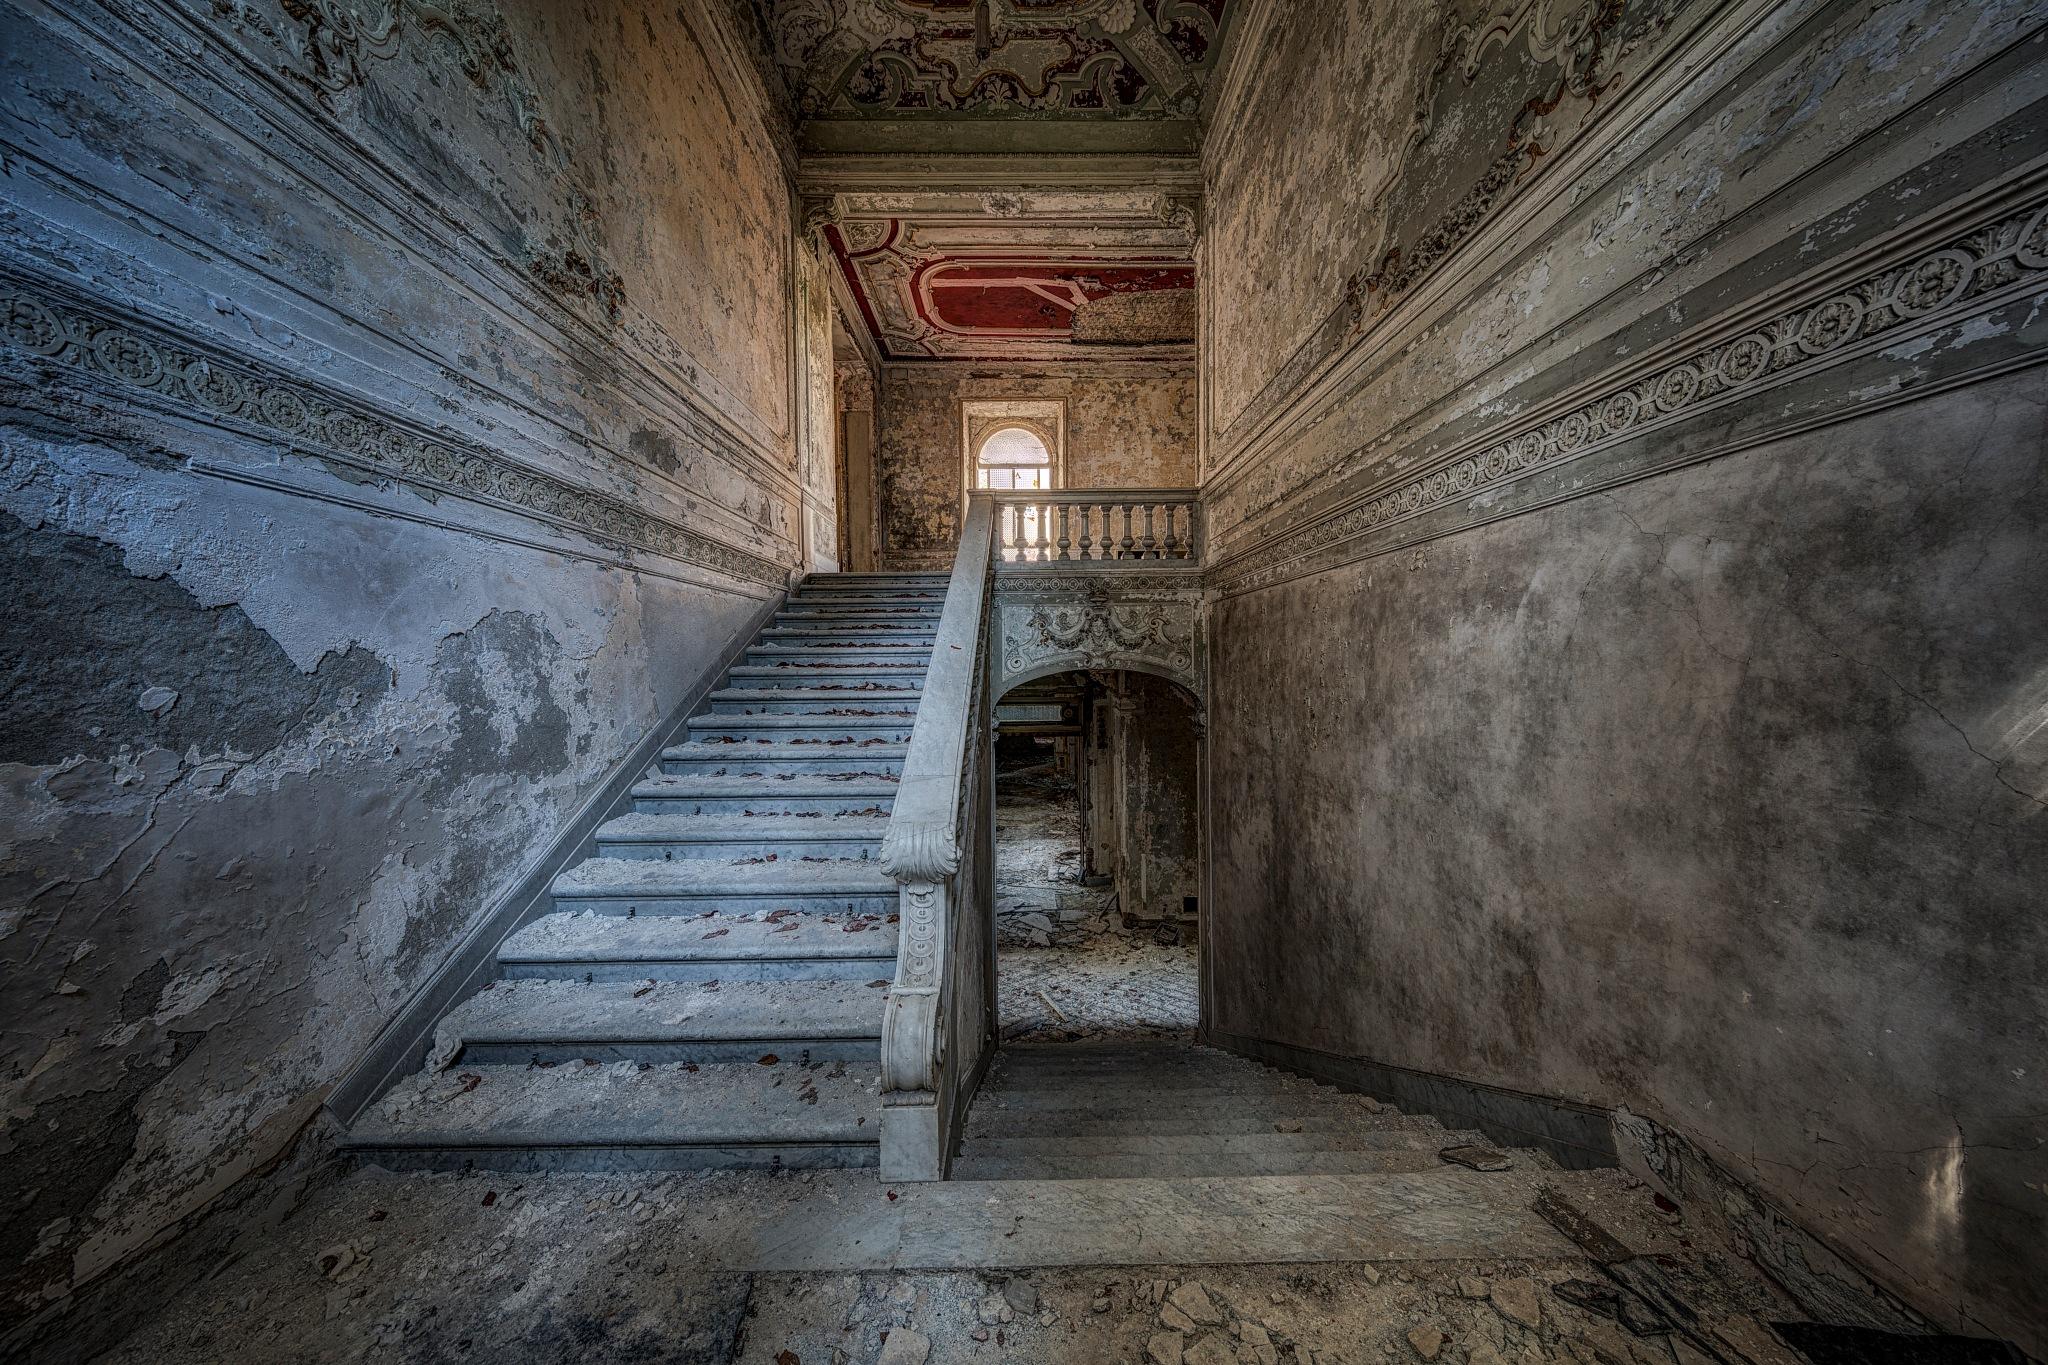 Minetta Stairs by Martin Kriebernegg